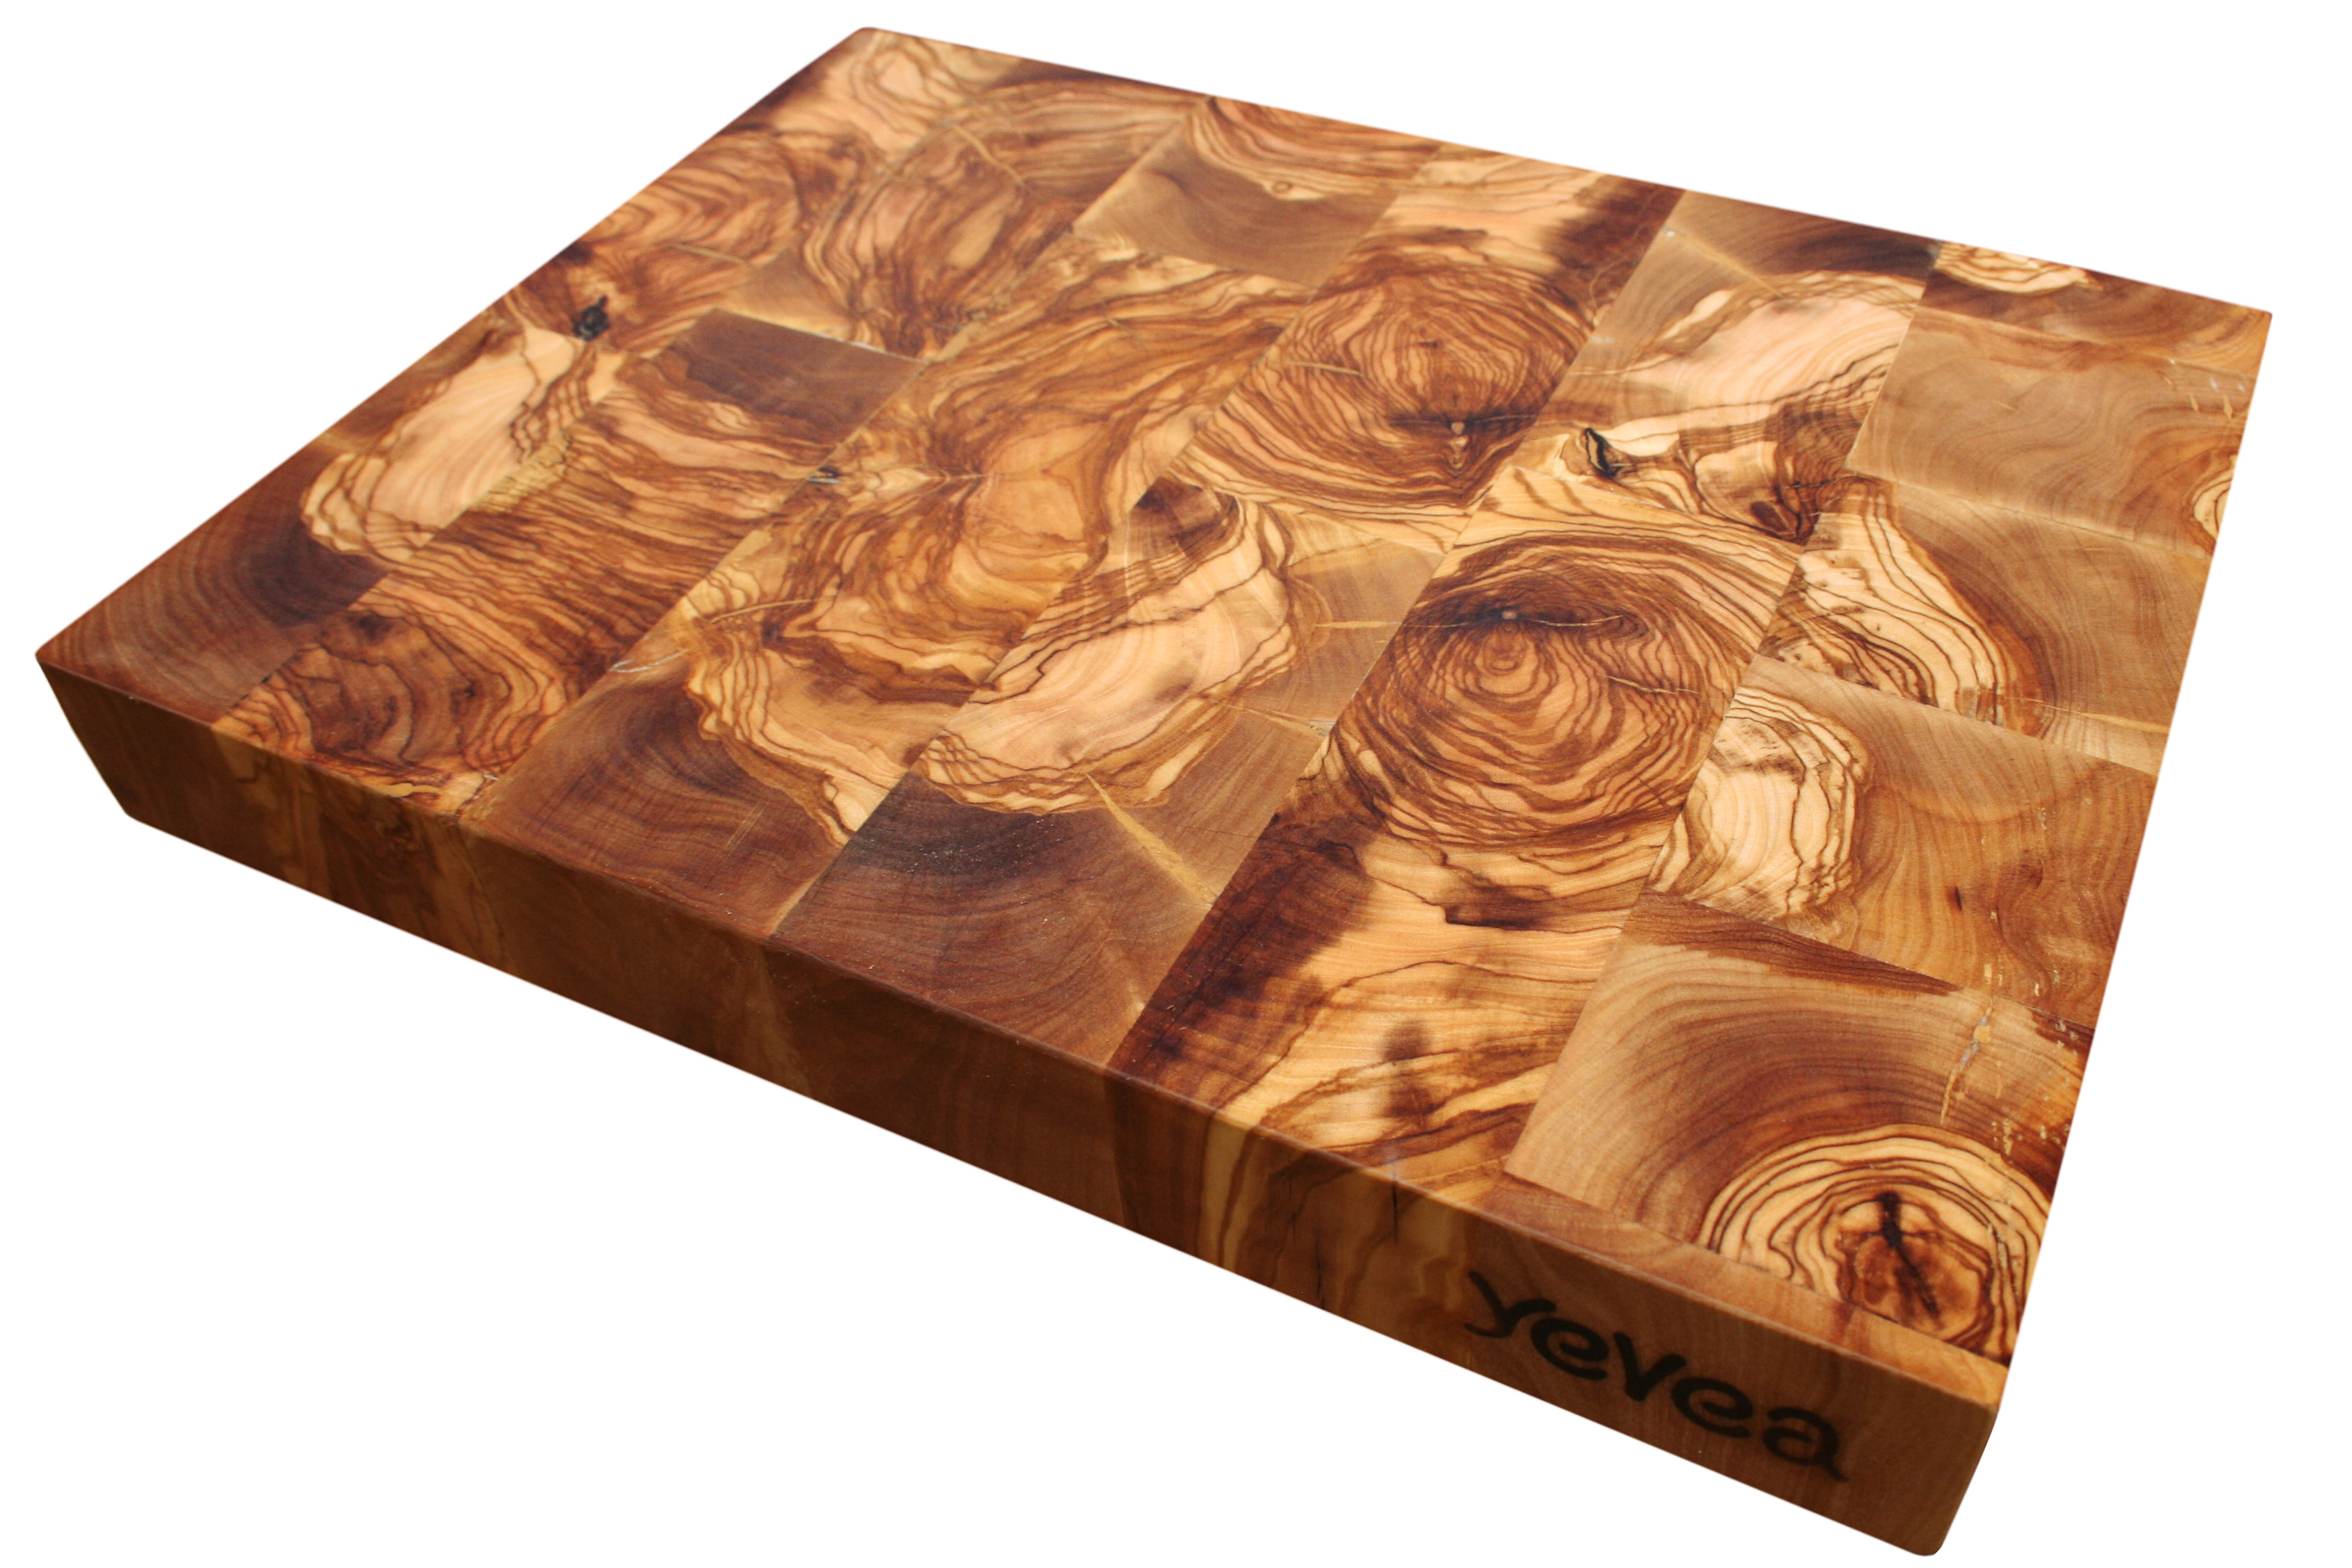 Tabla cortar cocina cristal un blog sobre bienes inmuebles for Cocina lidl madera